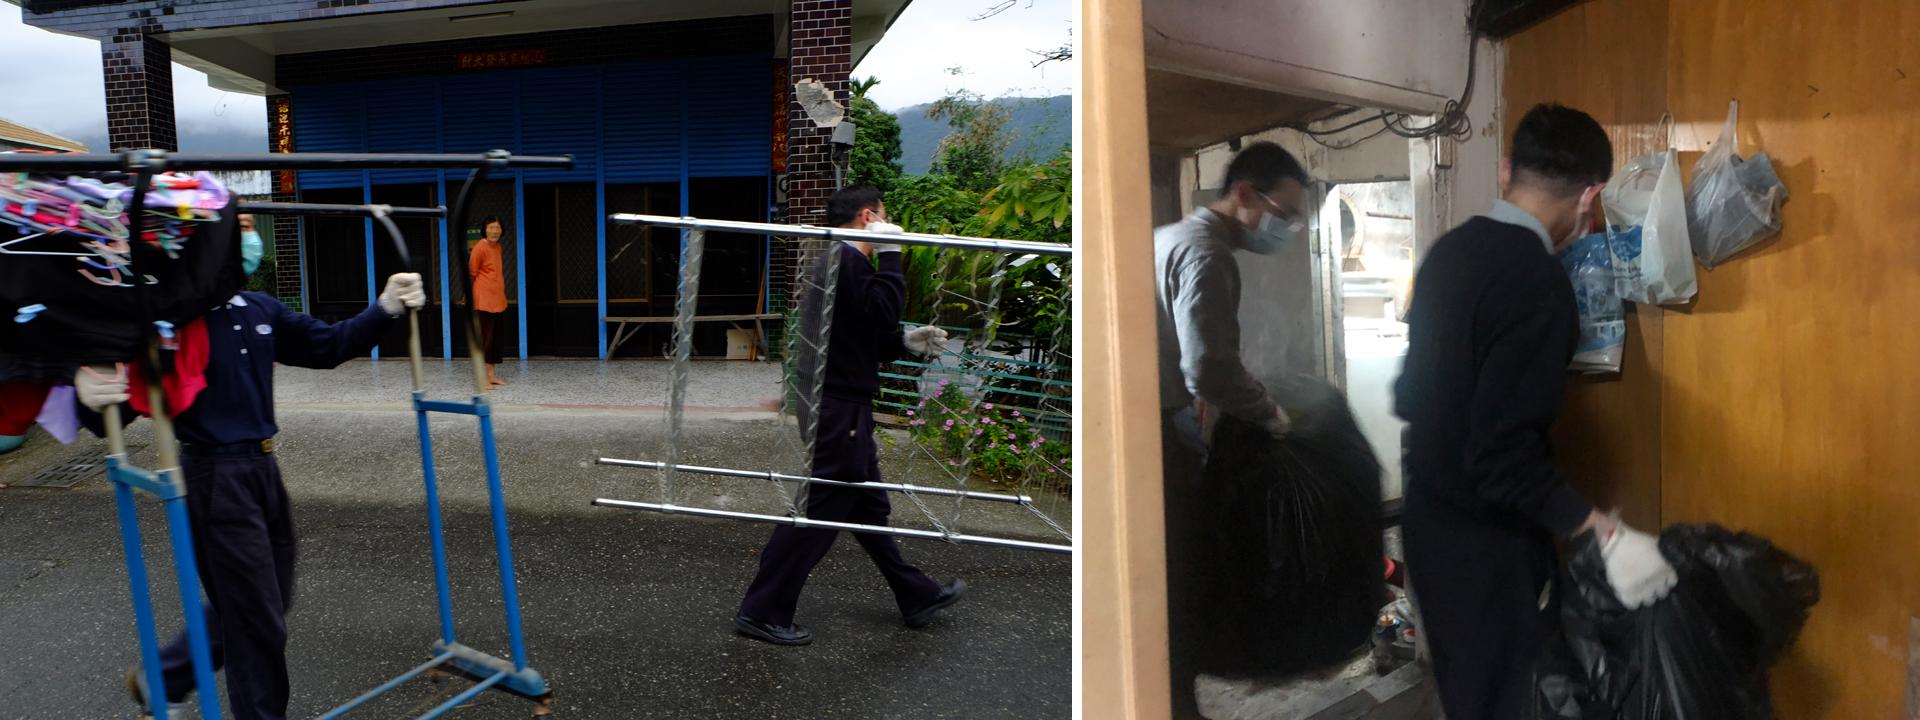 2月8日十八位志工前往壽豐協助清理韓先生老家,清空後的屋子將進行修繕,大家進進出出搬運東西,有人負責清理出來 有人則搬送到門口,韓太太則清點要留與不留的東西。